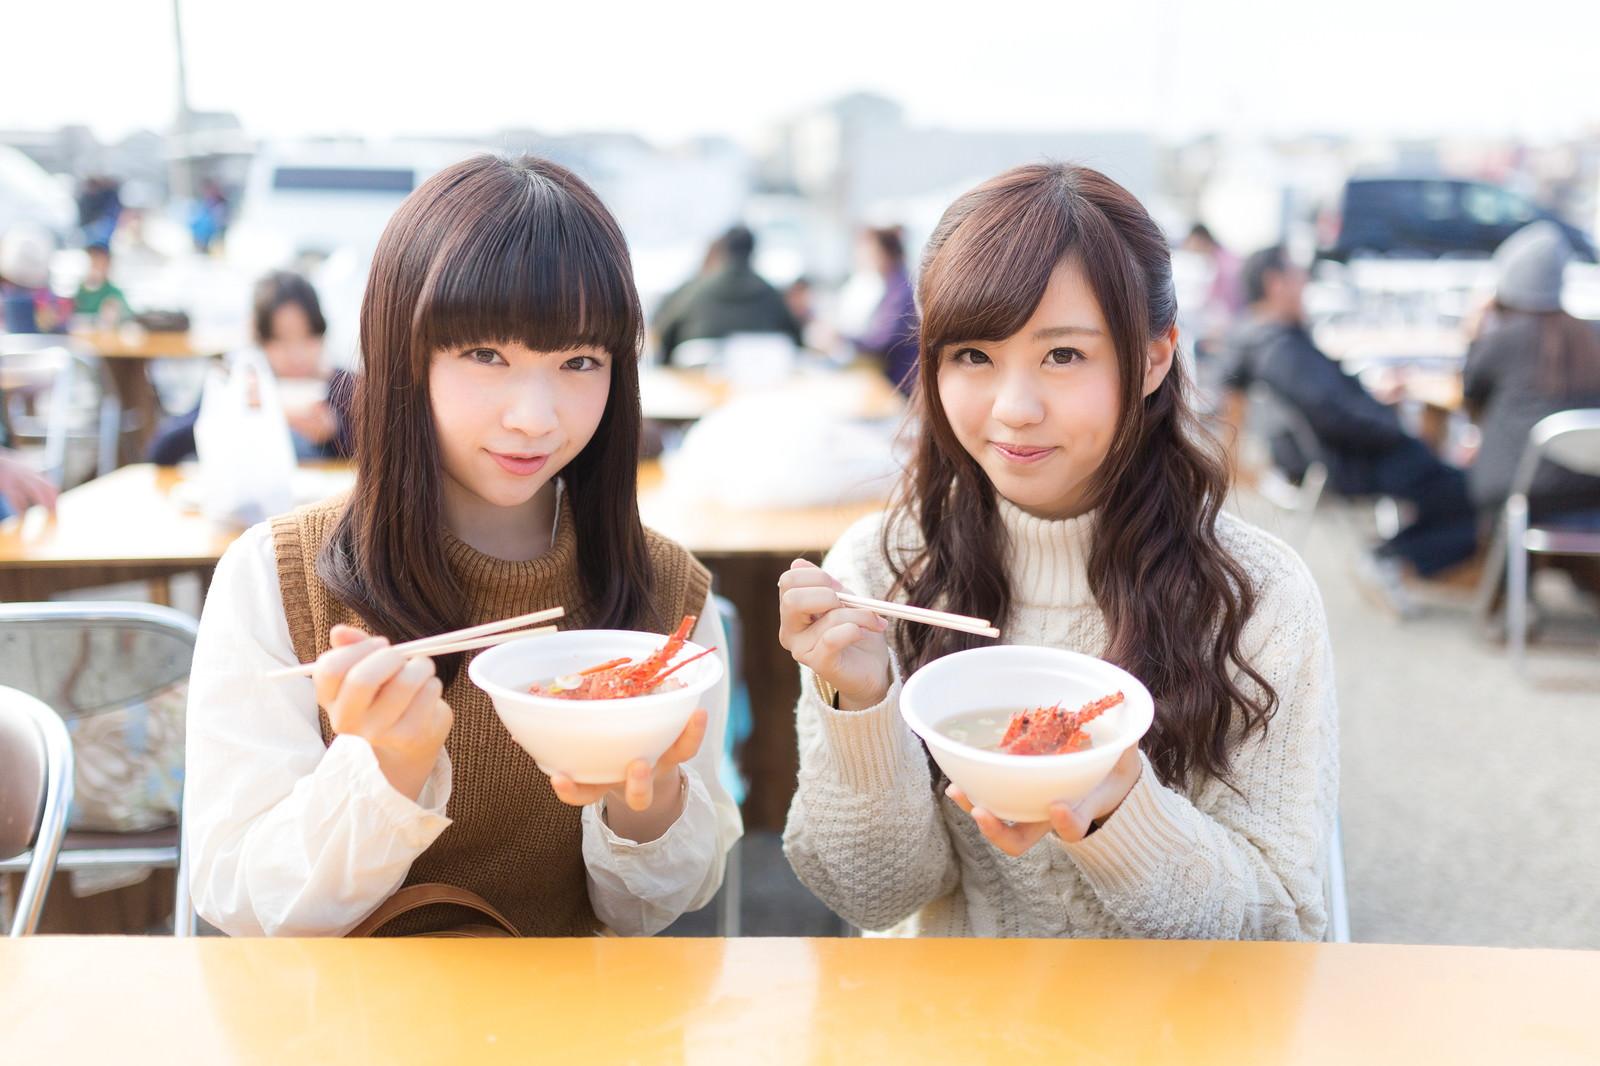 「朝市でイセエビの味噌汁を食べる女性観光客」の写真[モデル:河村友歌 渡辺友美子]